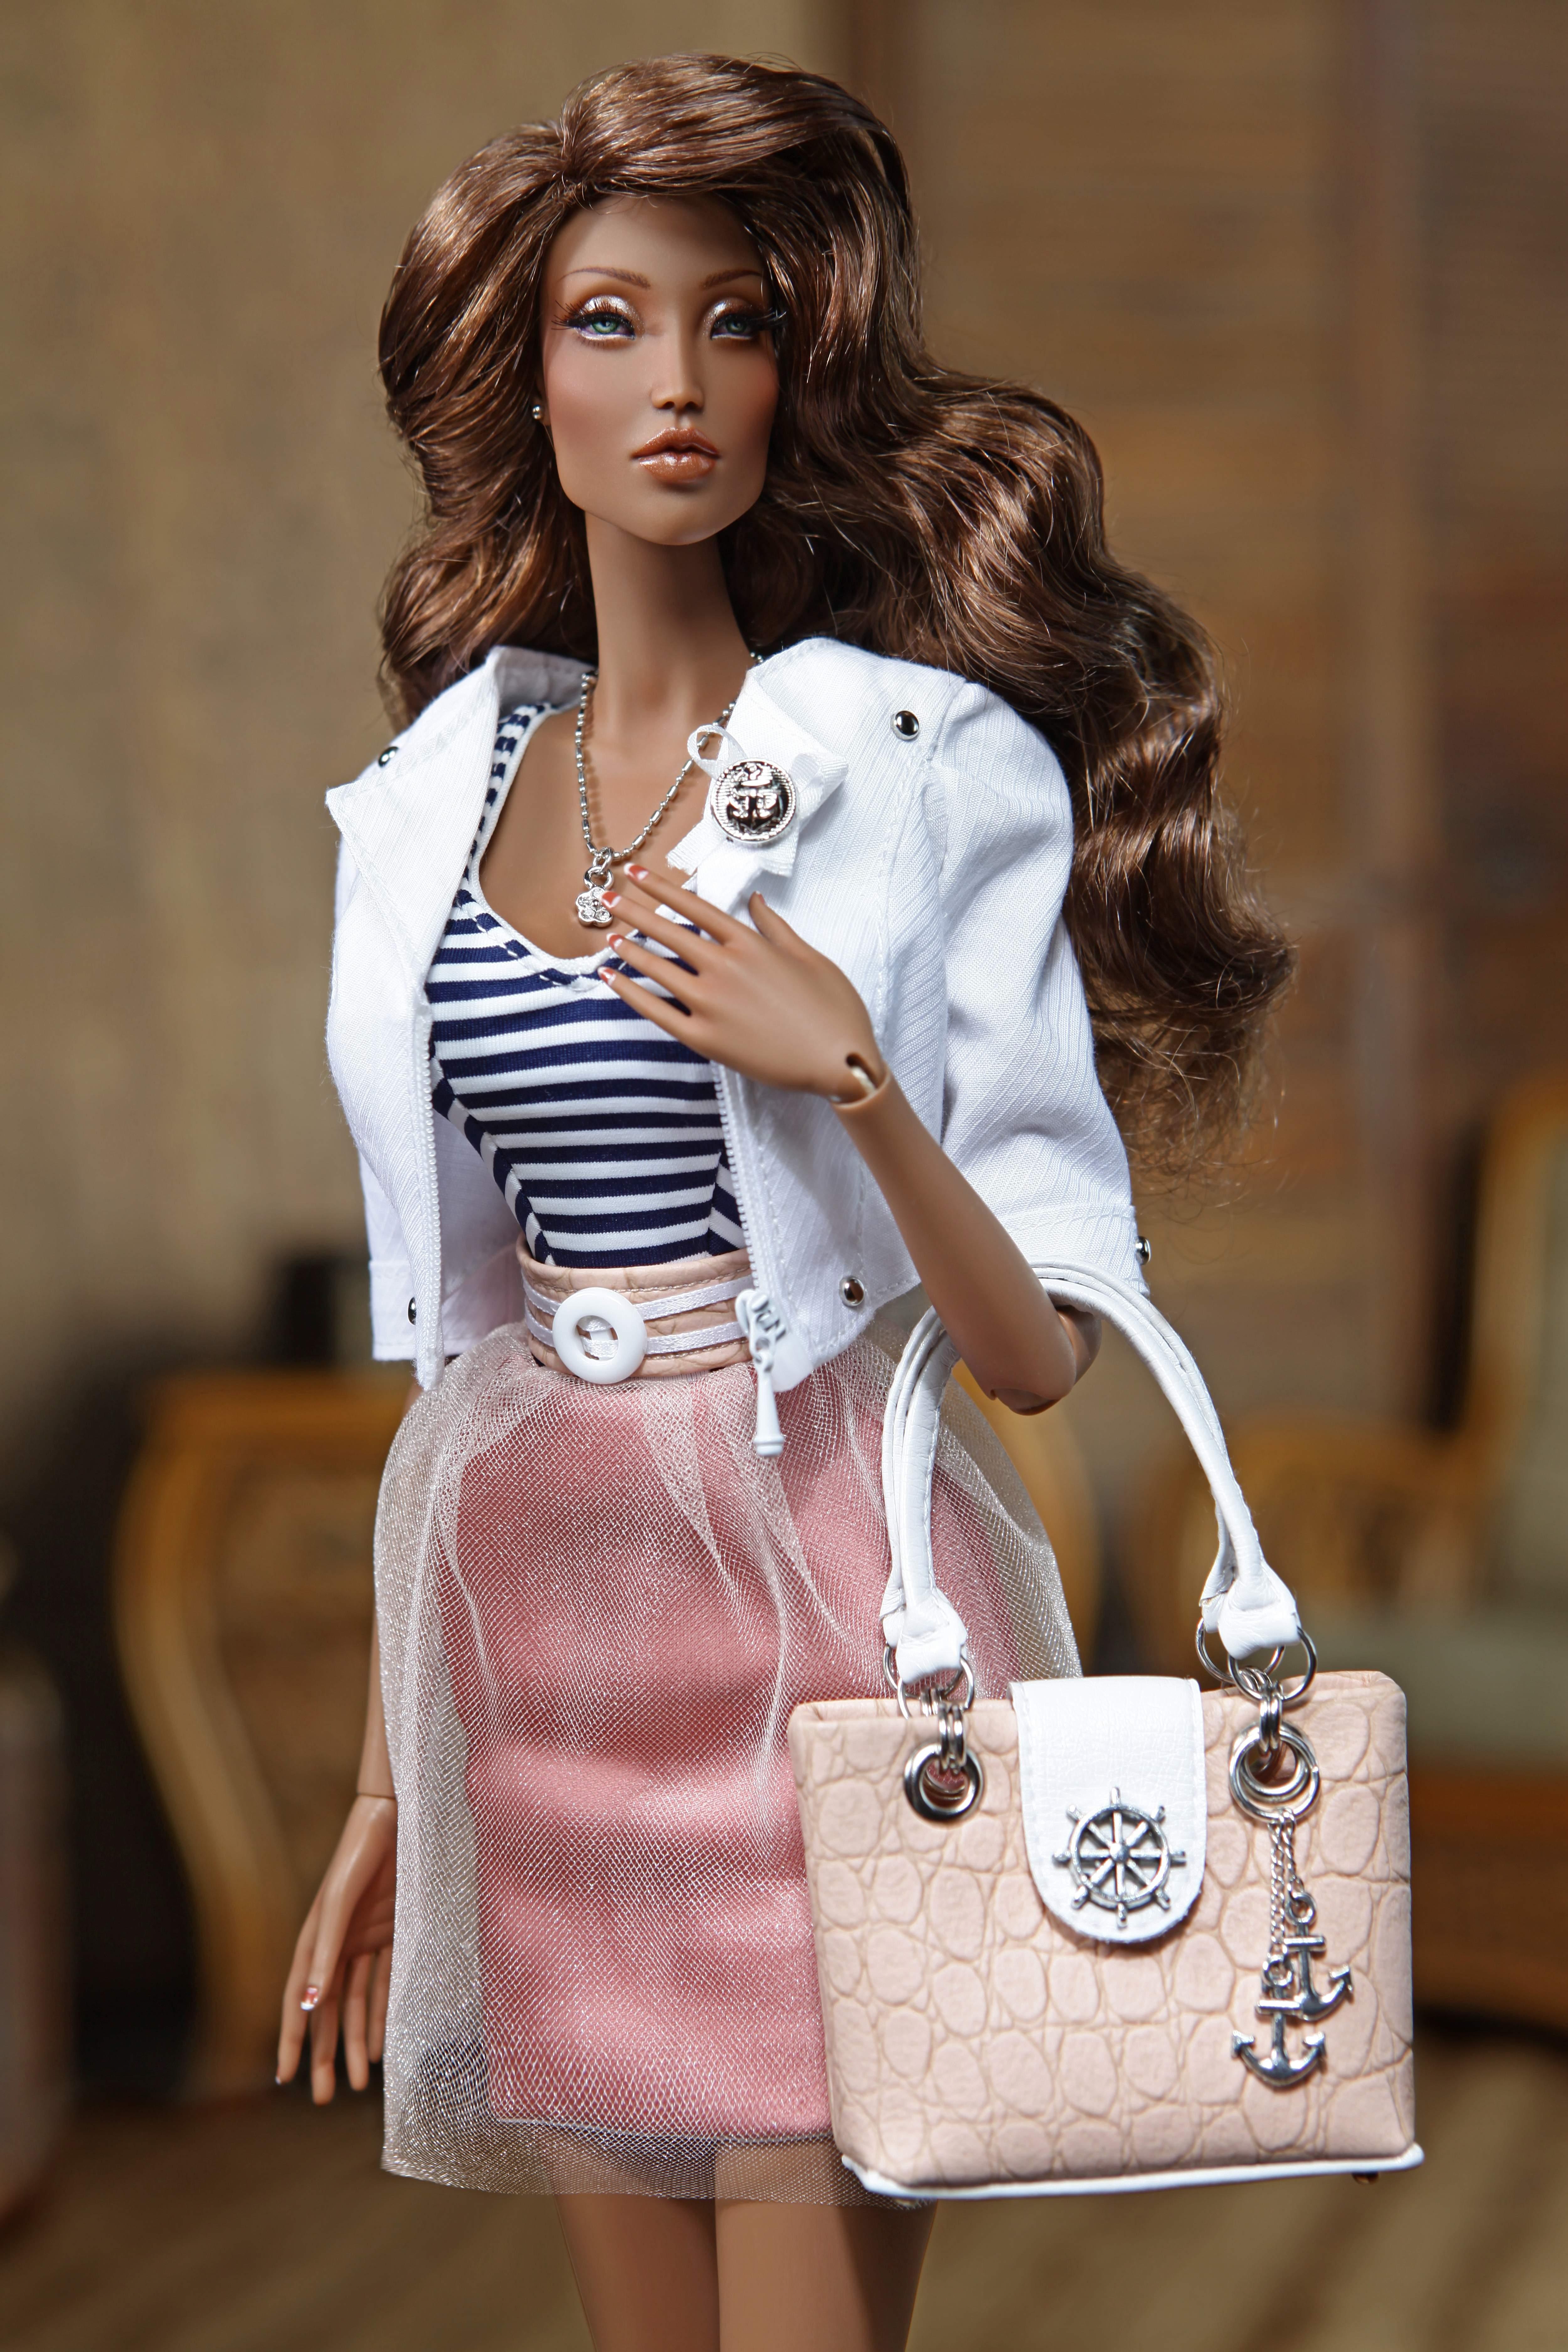 DollChic fashion doll